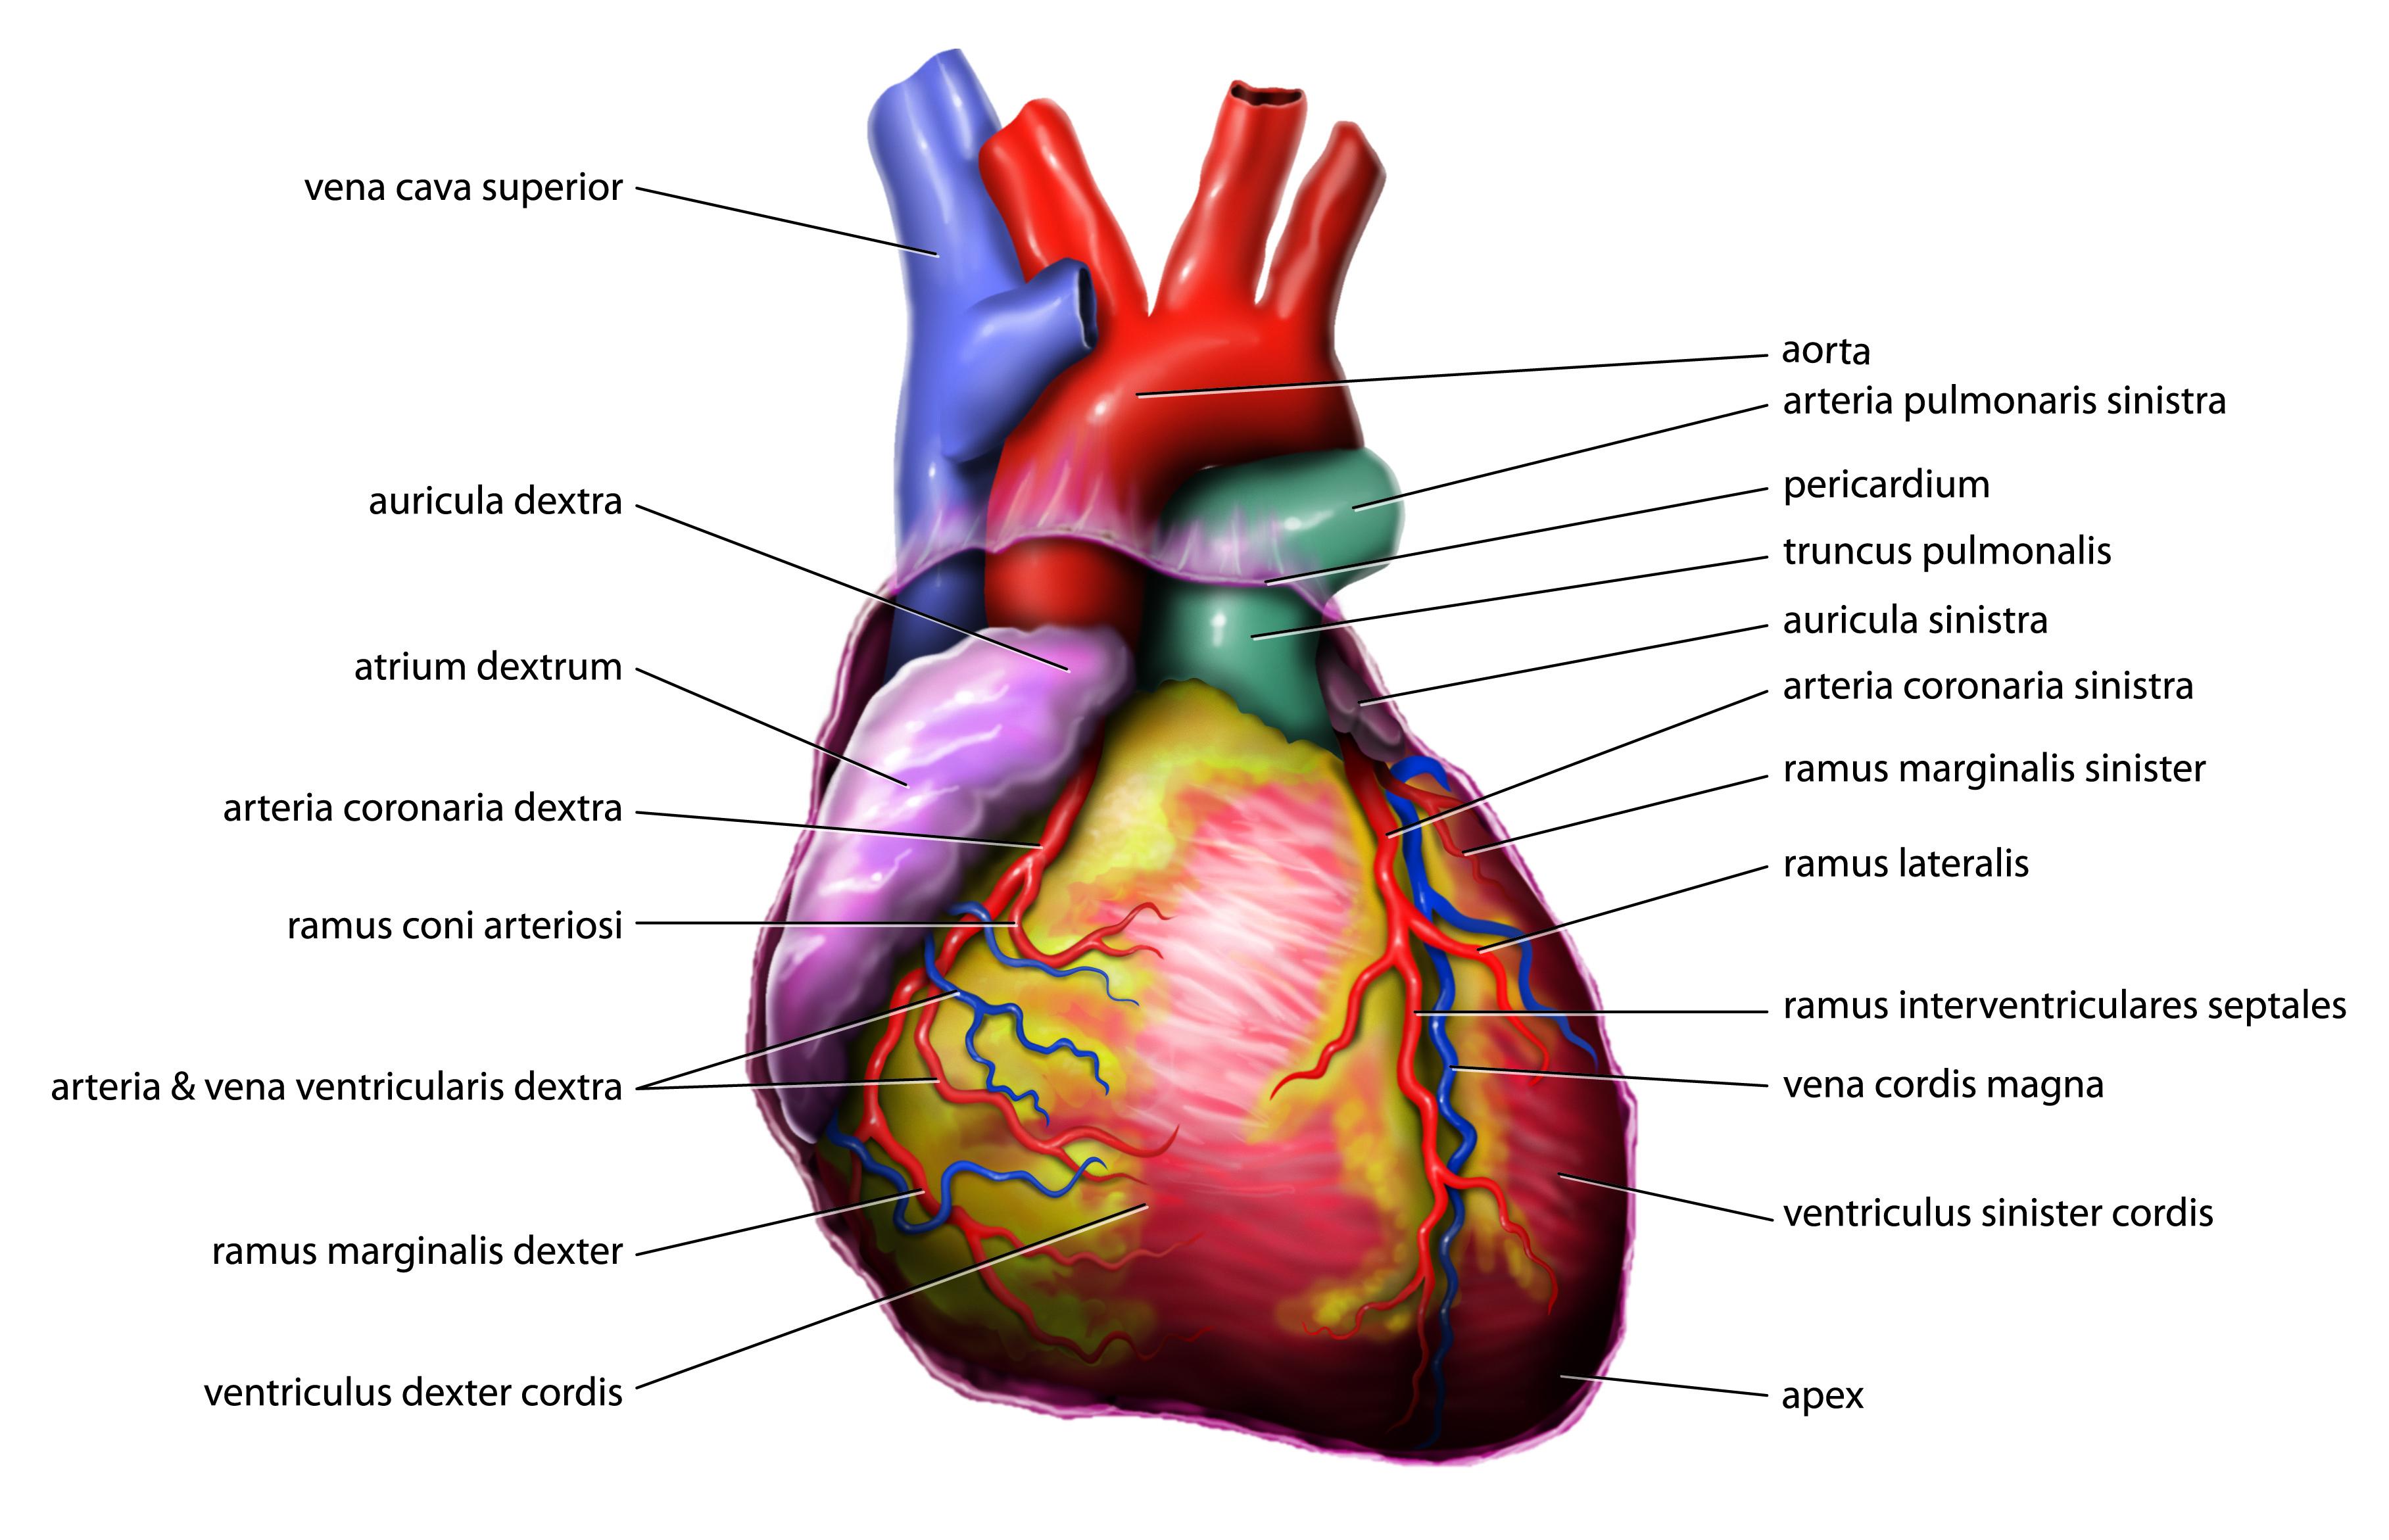 Groß Anatomie Des Herzens Wikipedia Bilder - Anatomie Ideen ...